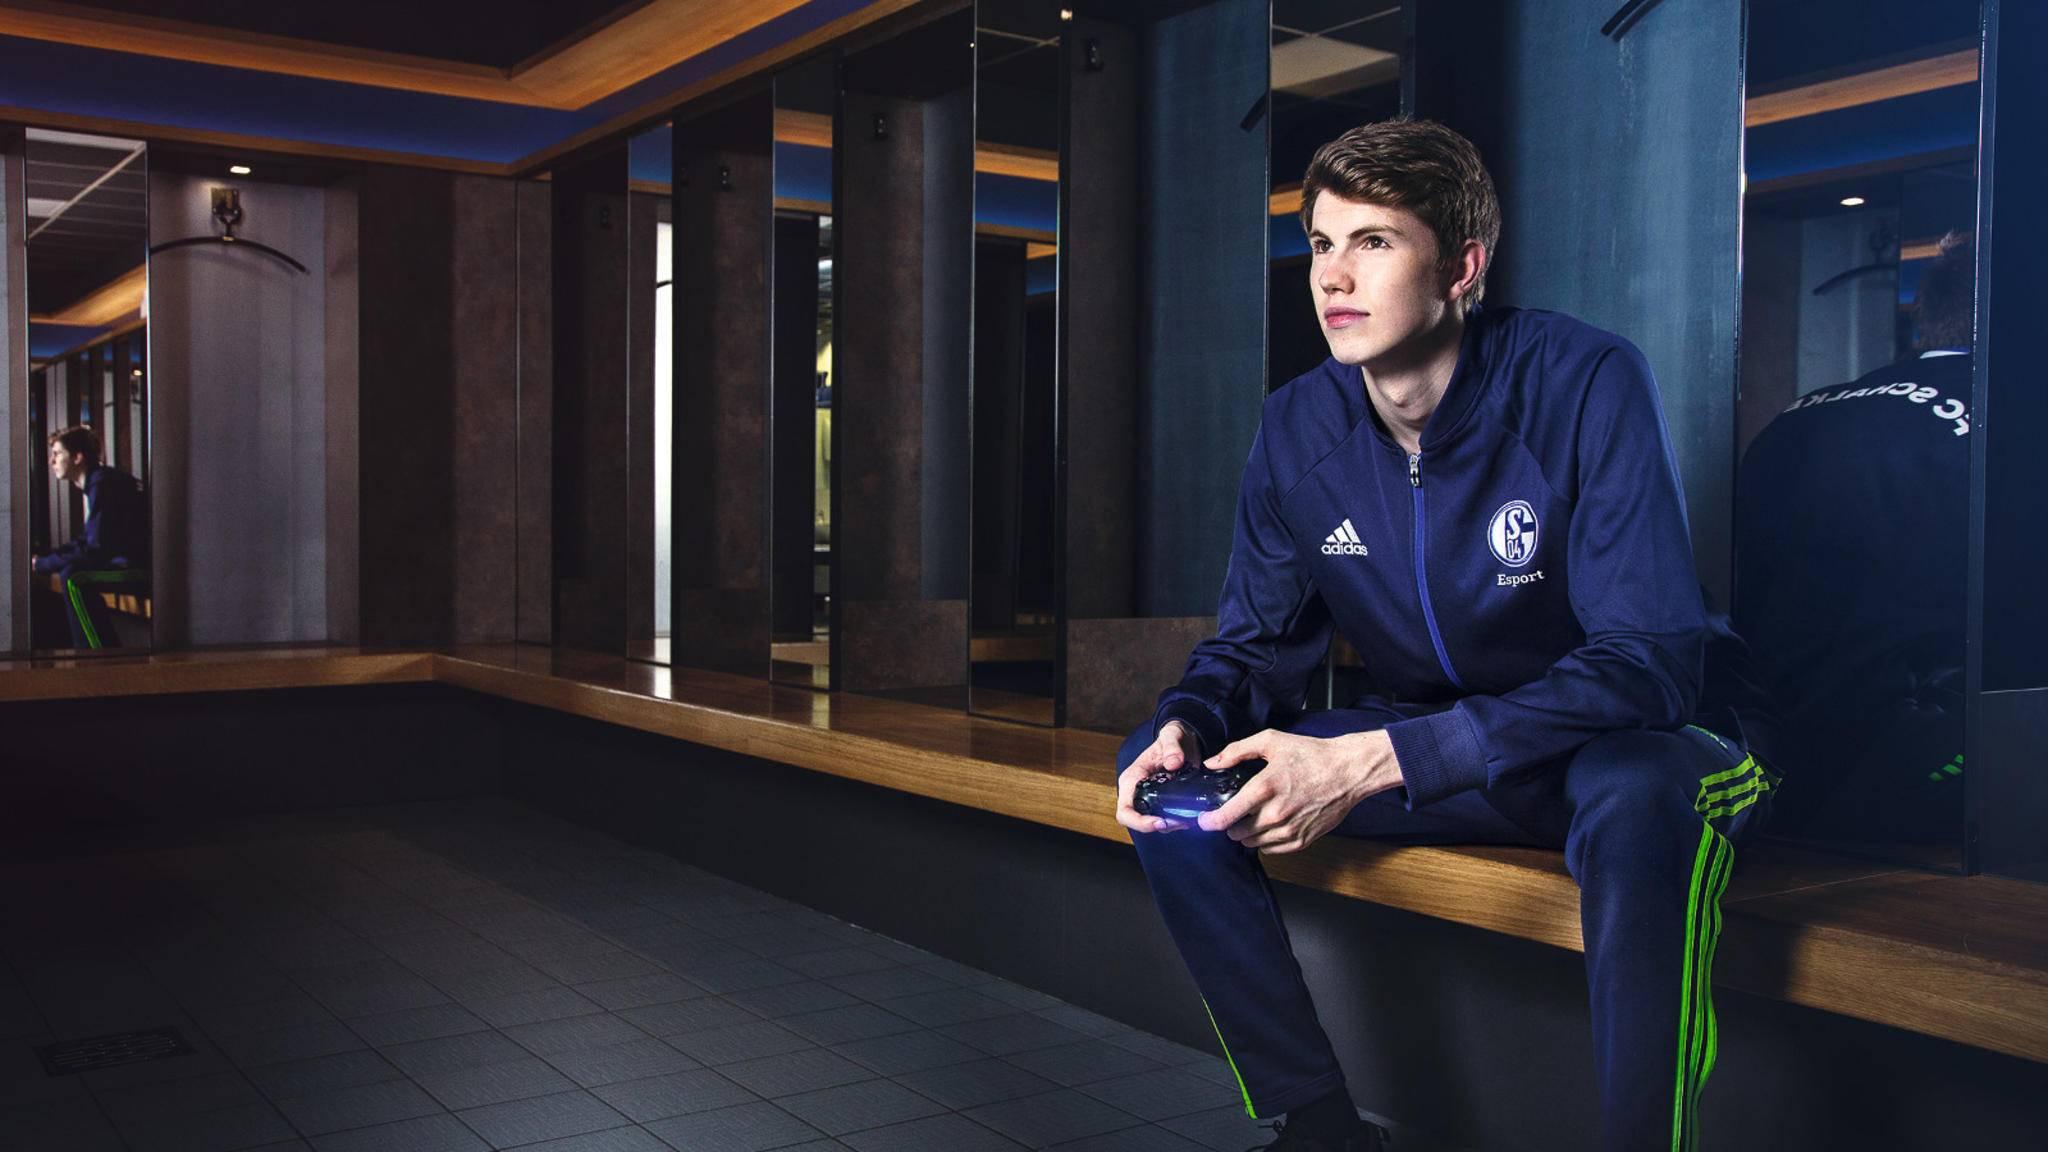 """Perspektivspieler: Tim Schwartmann alias """"Tim_Latka"""" sitzt in den Schalker Katakomben"""